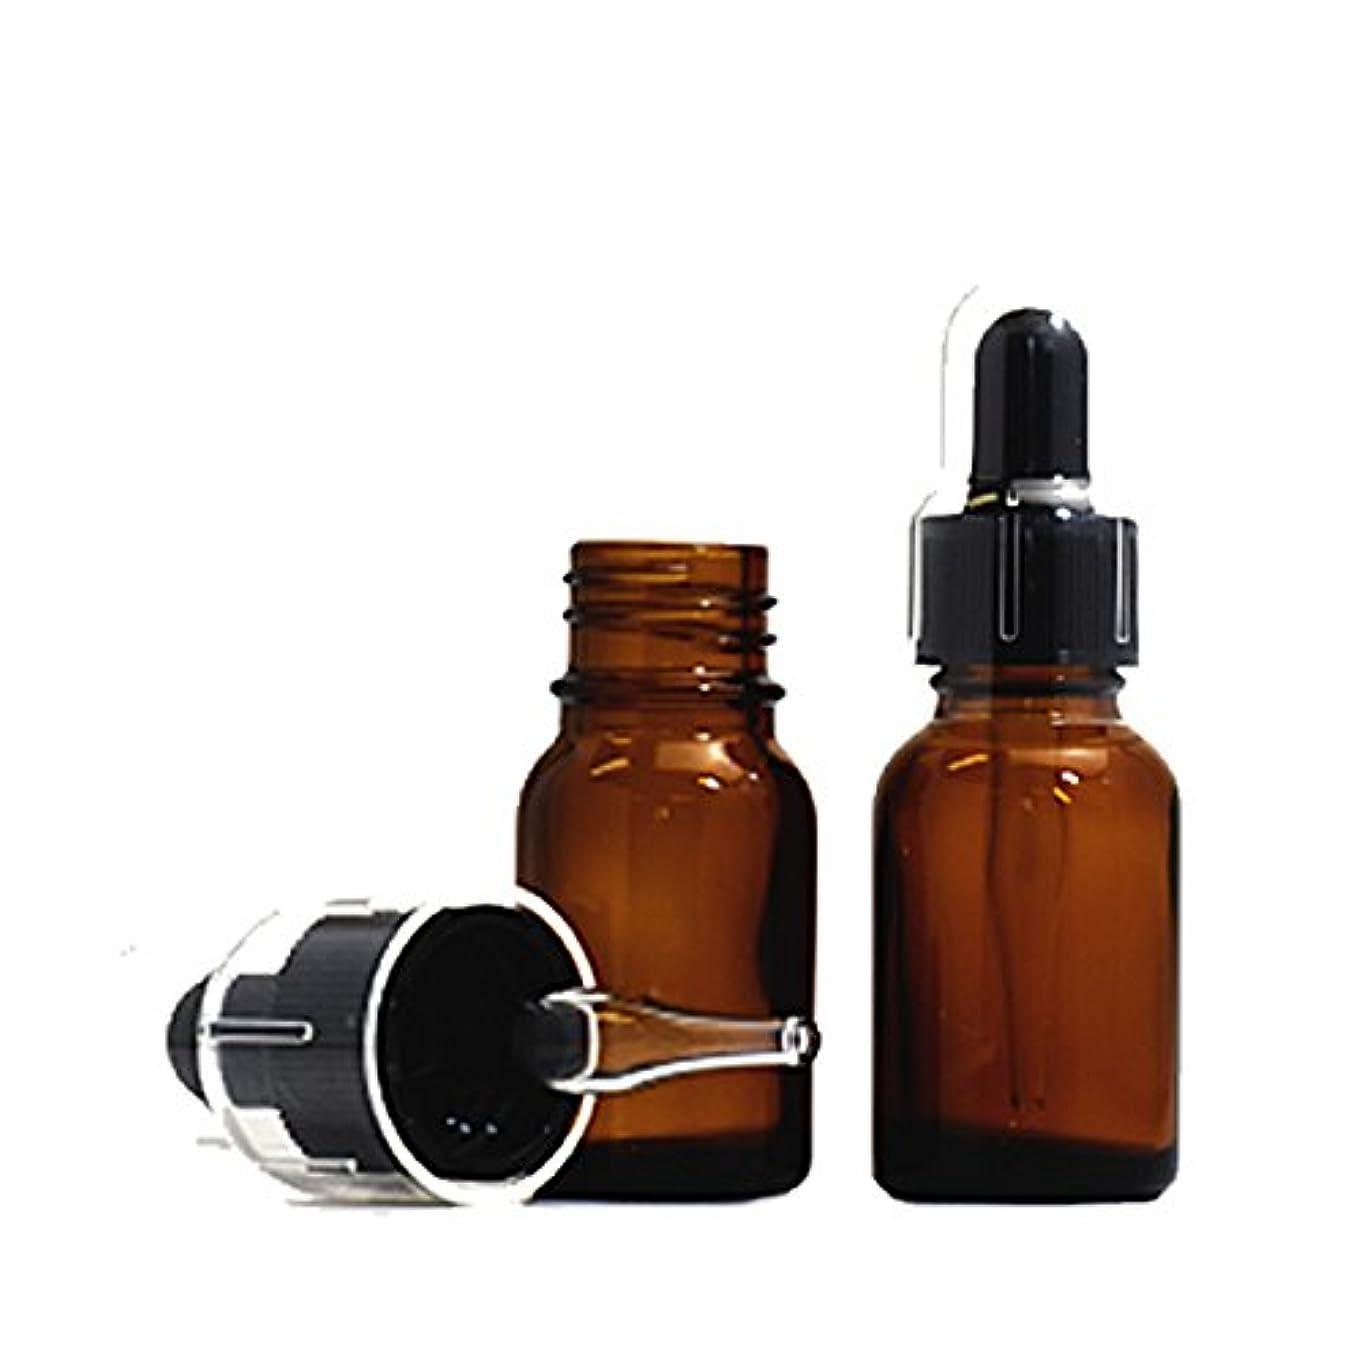 心理的役立つ感度スポイトキャップ付茶色遮光瓶20ml (2本セット)(黒/ガラススポイトキャップ付/オーバーキャップ付)